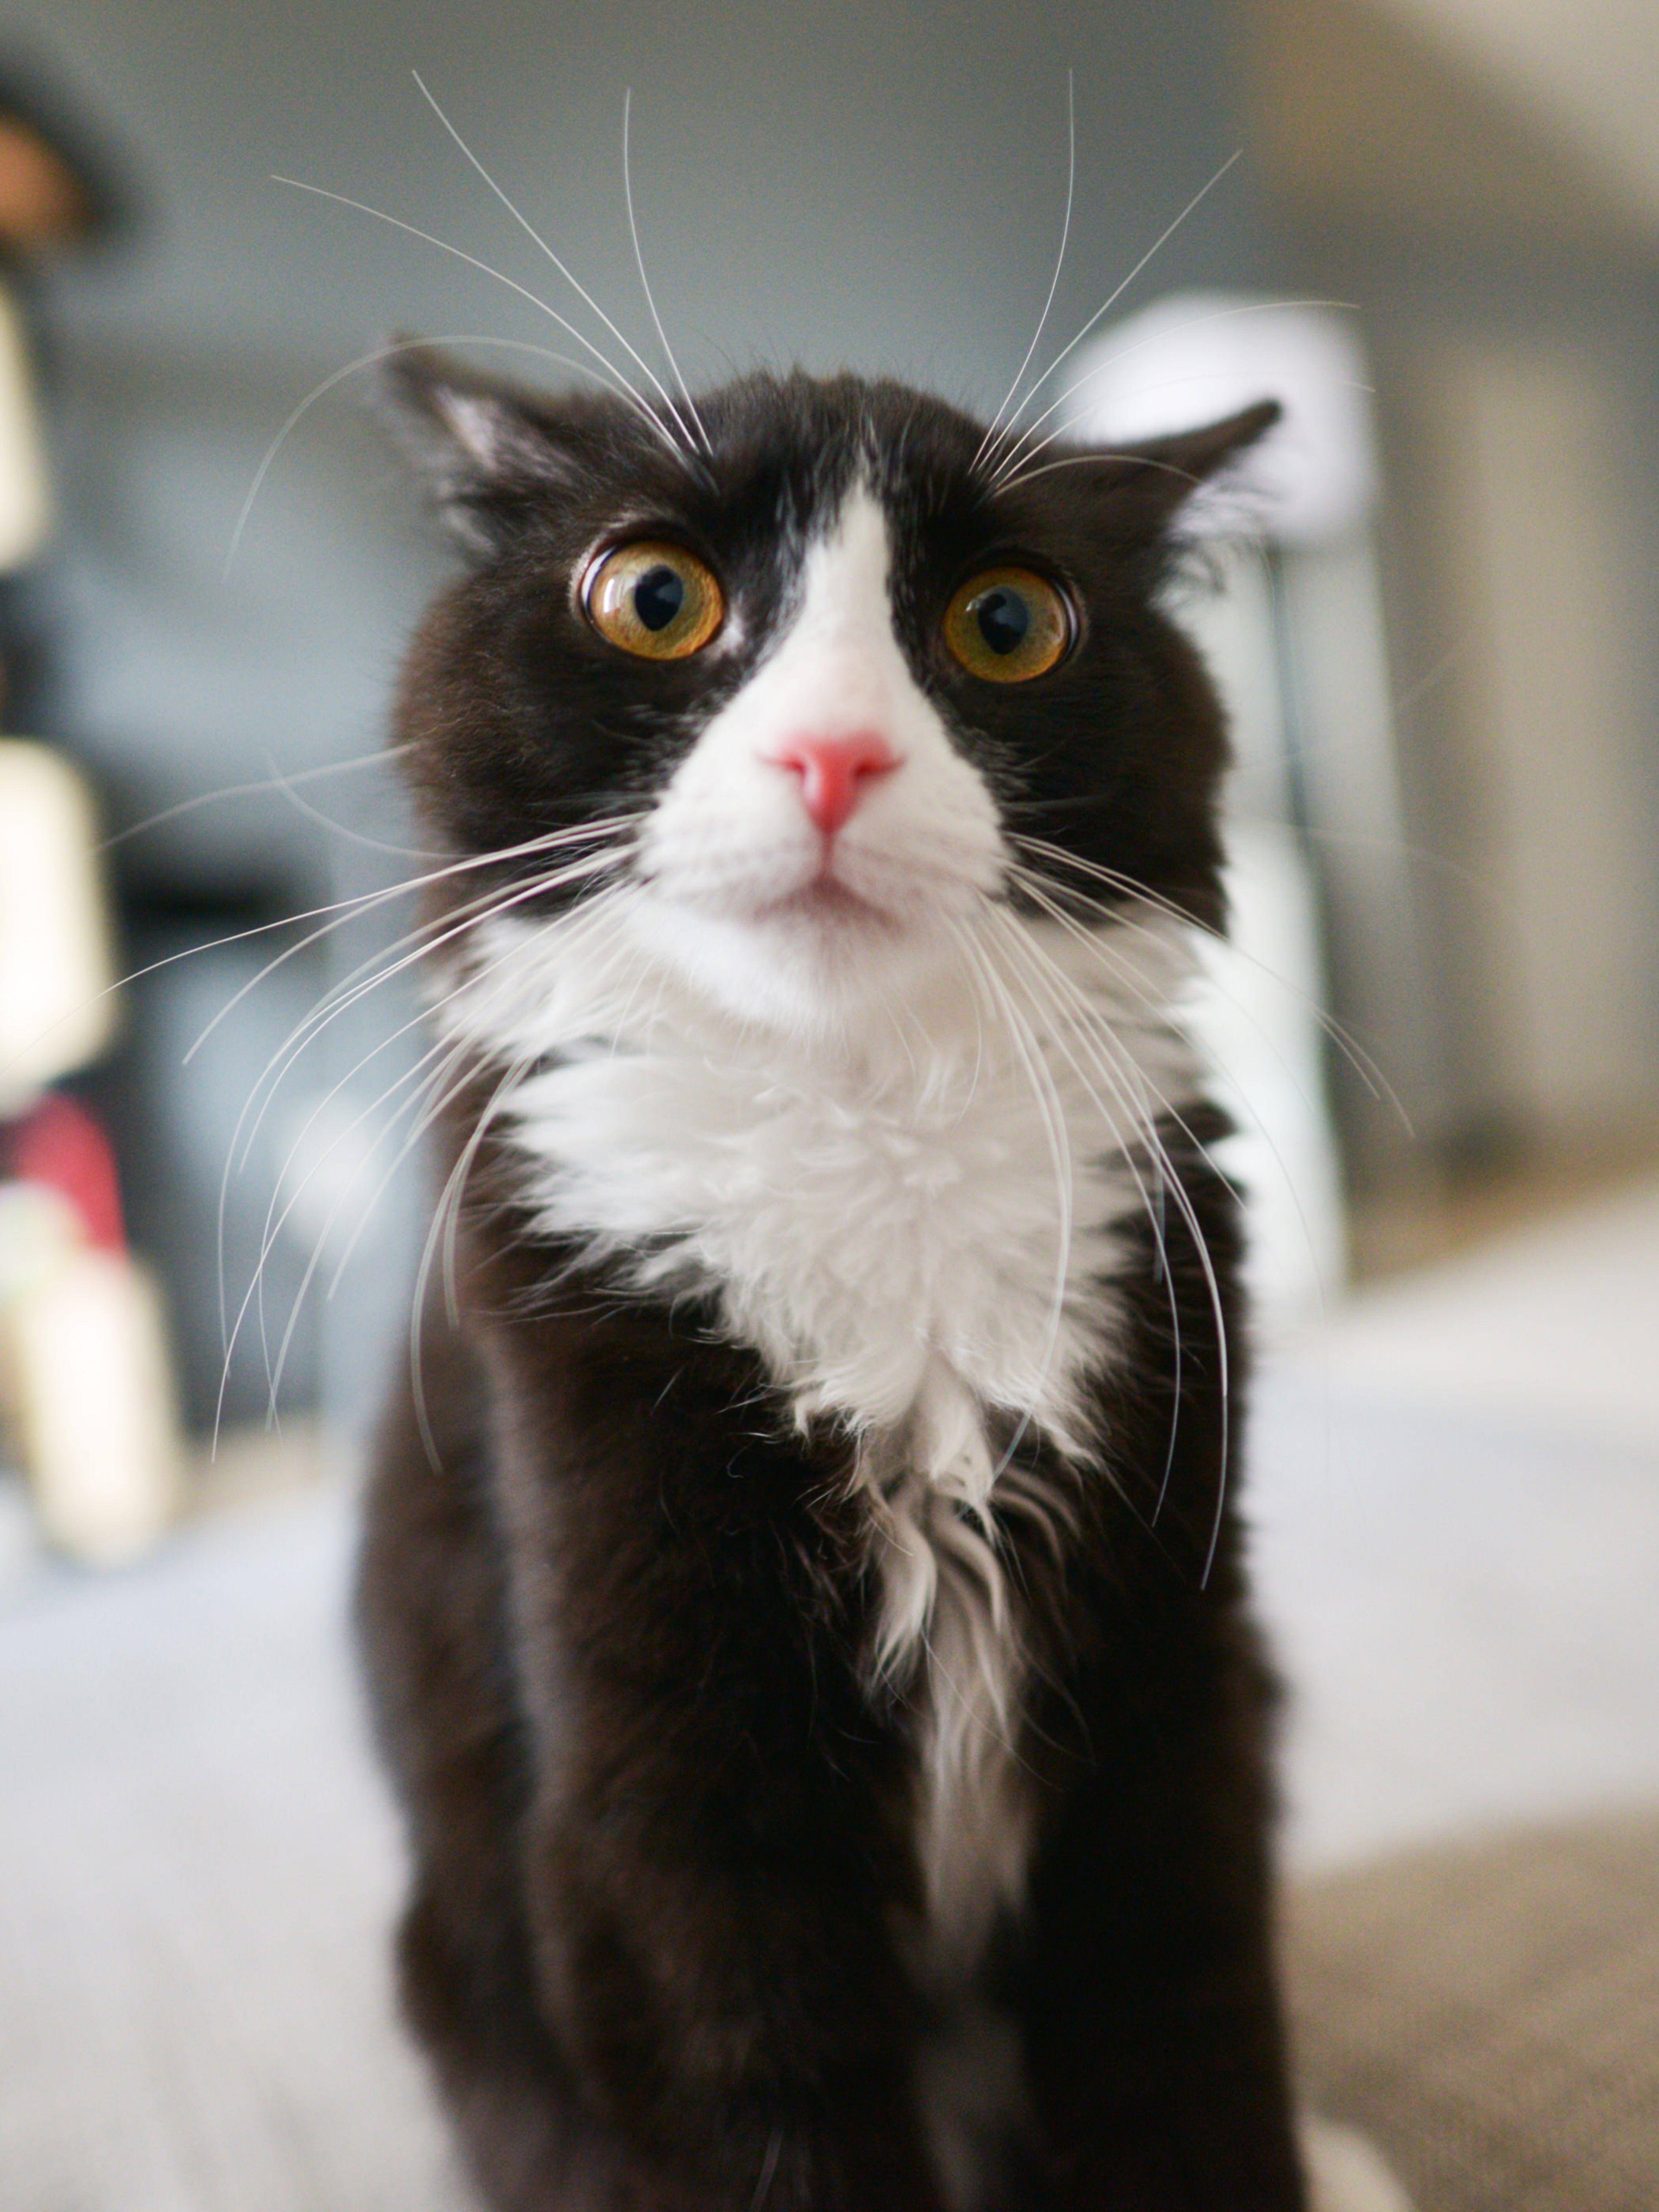 смешной, прикольный, перепуганный кот | Самые милые ...